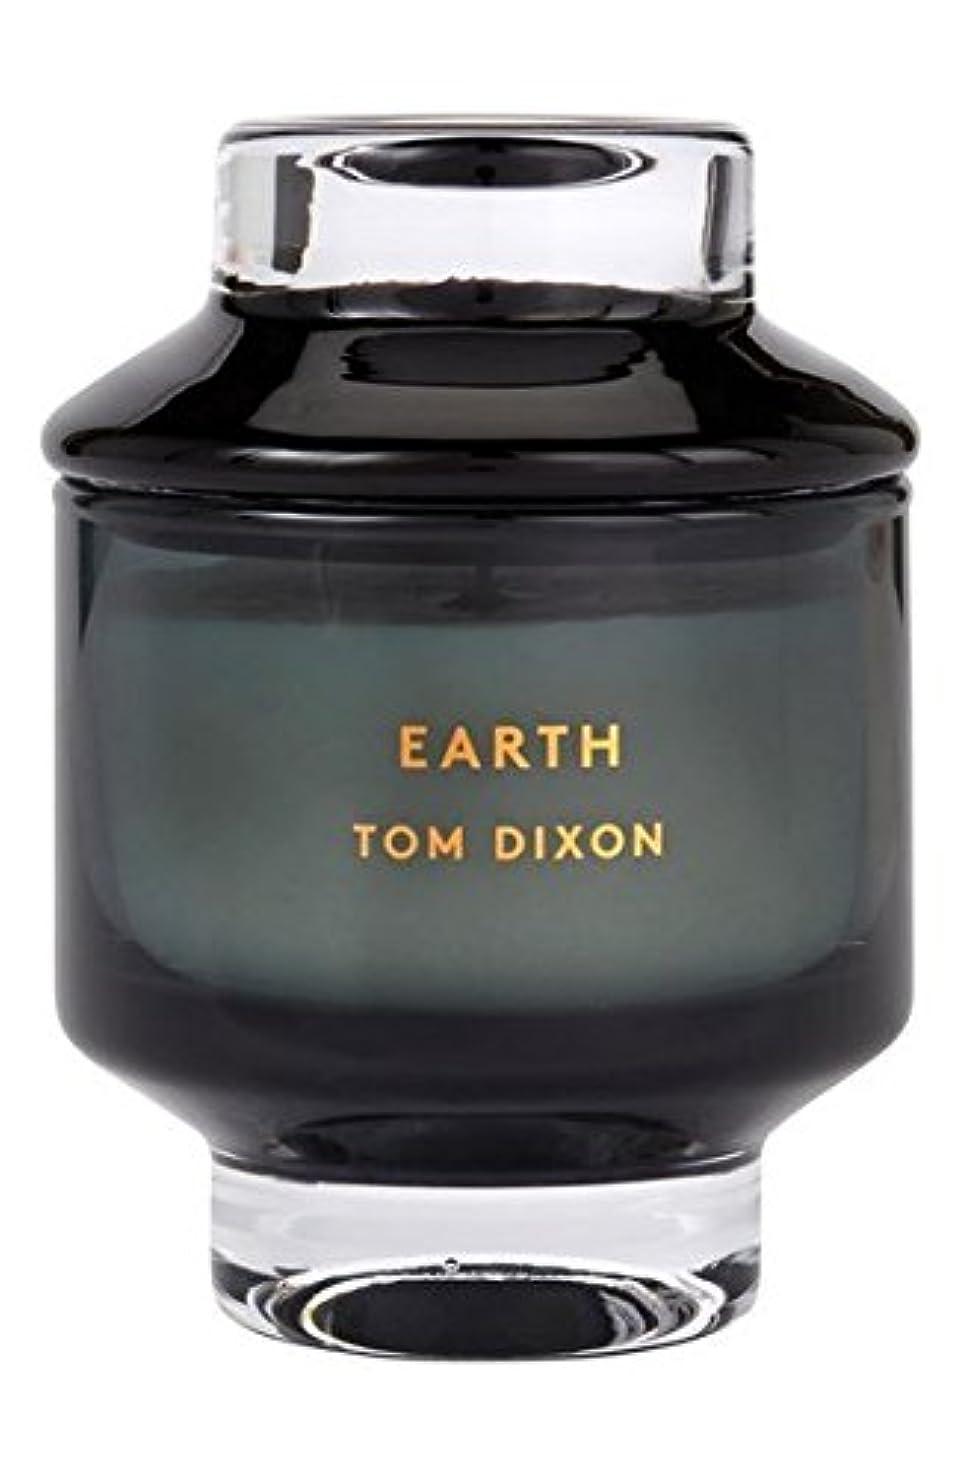 カートンピービッシュ医師Tom Dixon 'Earth' Candle (トム ディクソン 'アース' キャンドル中)Midium